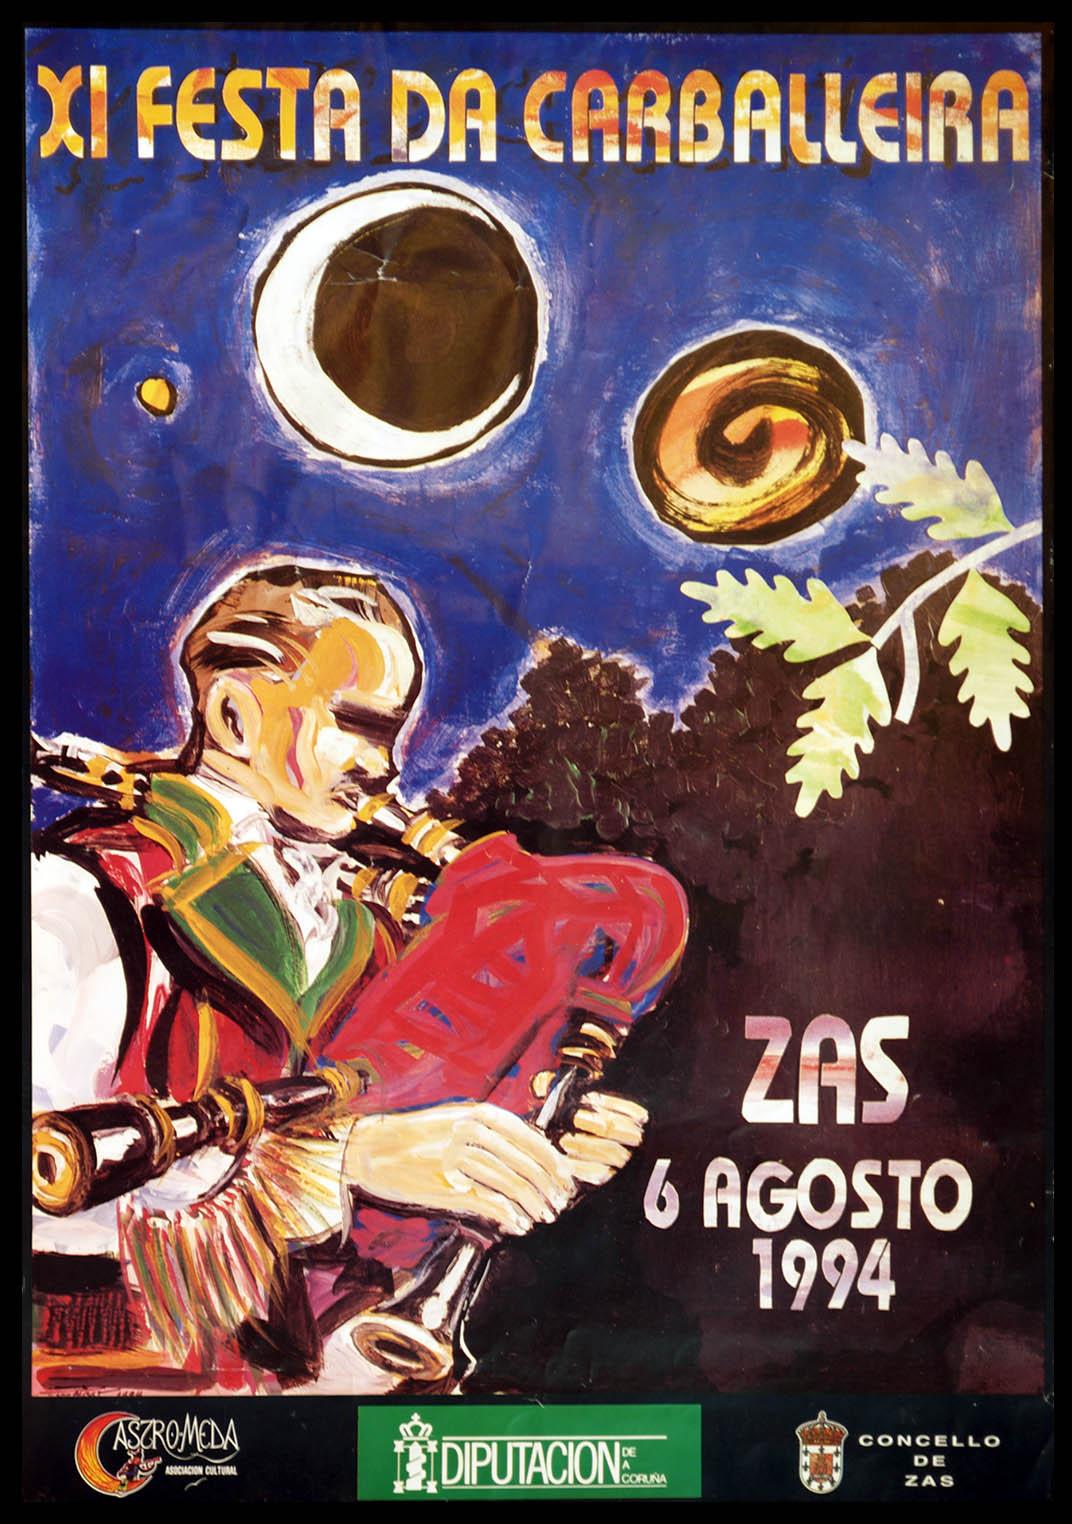 Cartel Festa Carballeira 1994